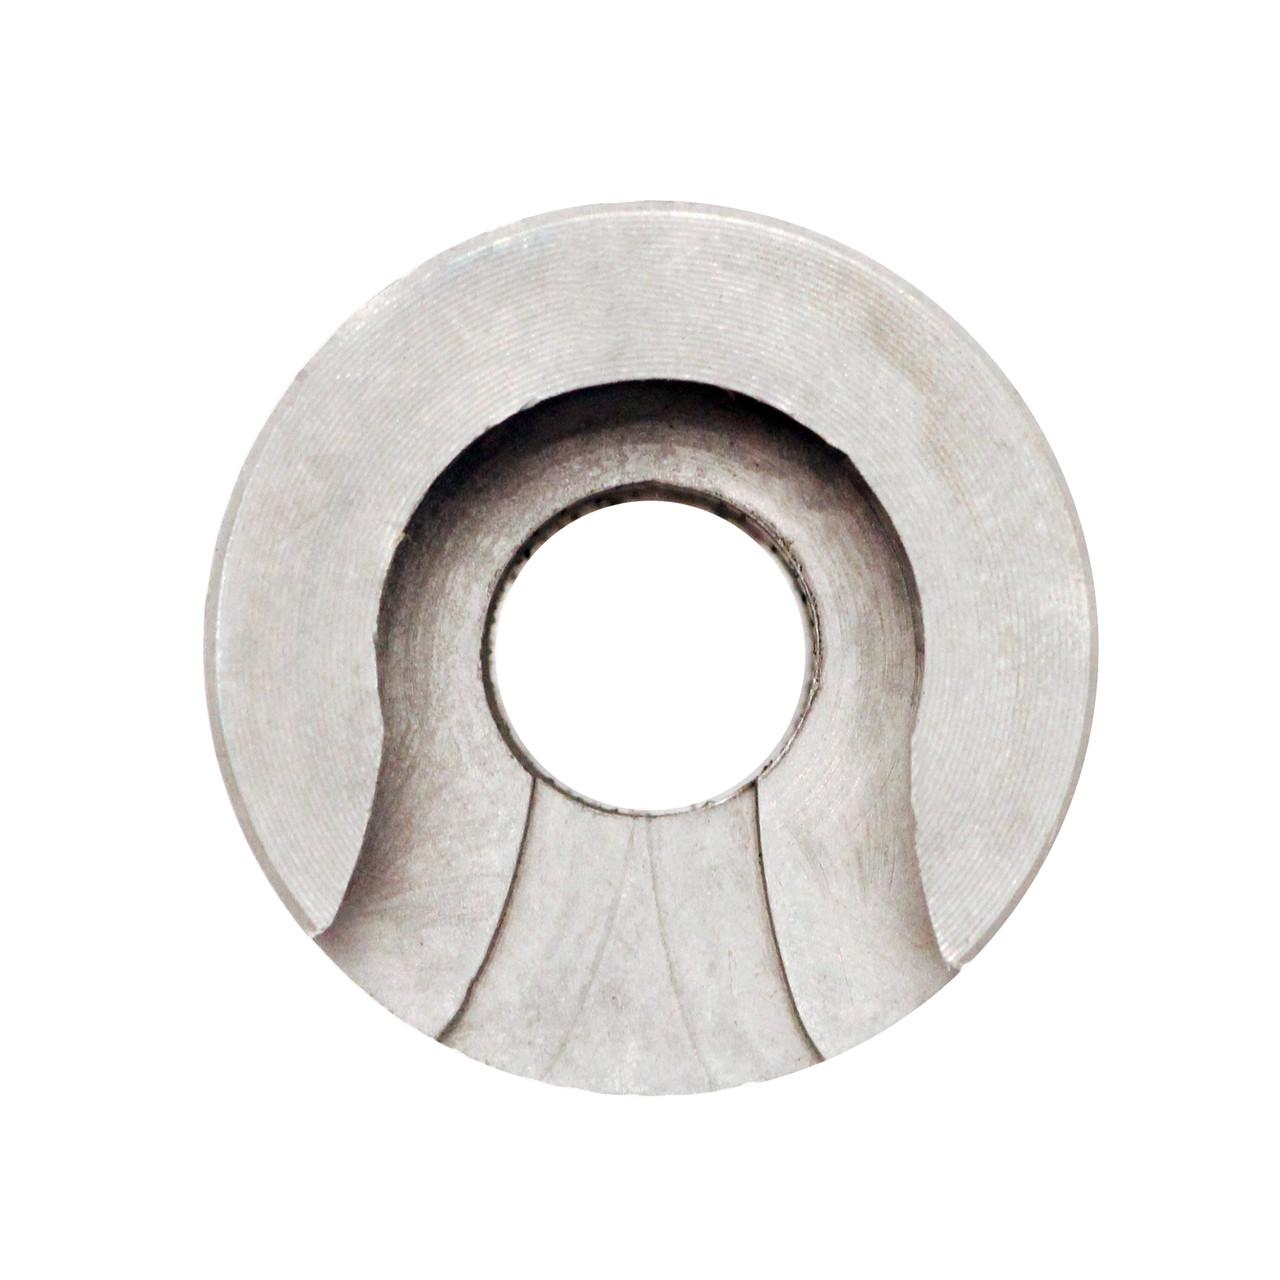 Hornady Shellholder #20 (6 5x54mm Mannlicher-Schoenauer), UPC : 090255905601